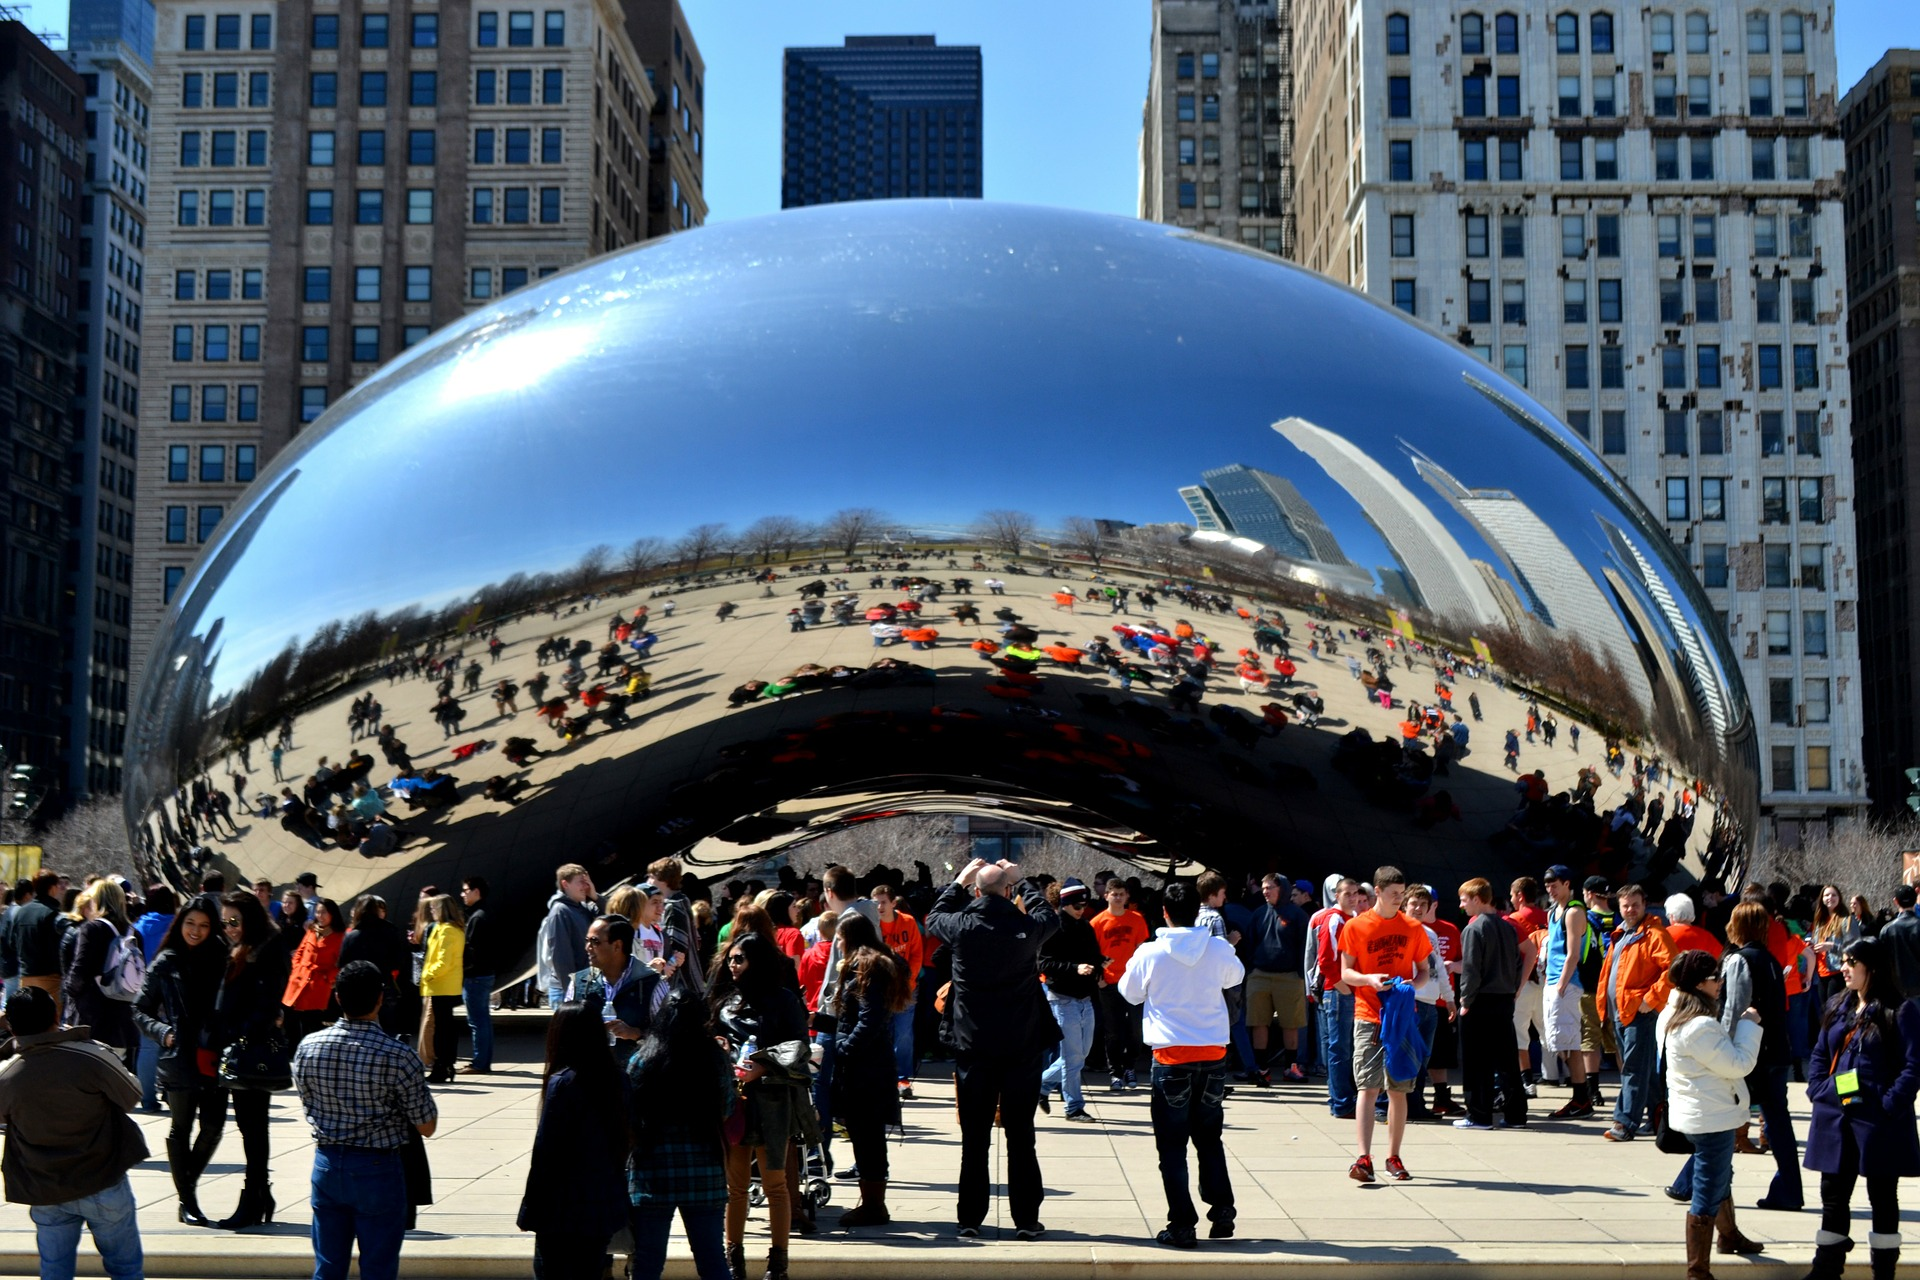 chicago-bean-329248_1920.jpg